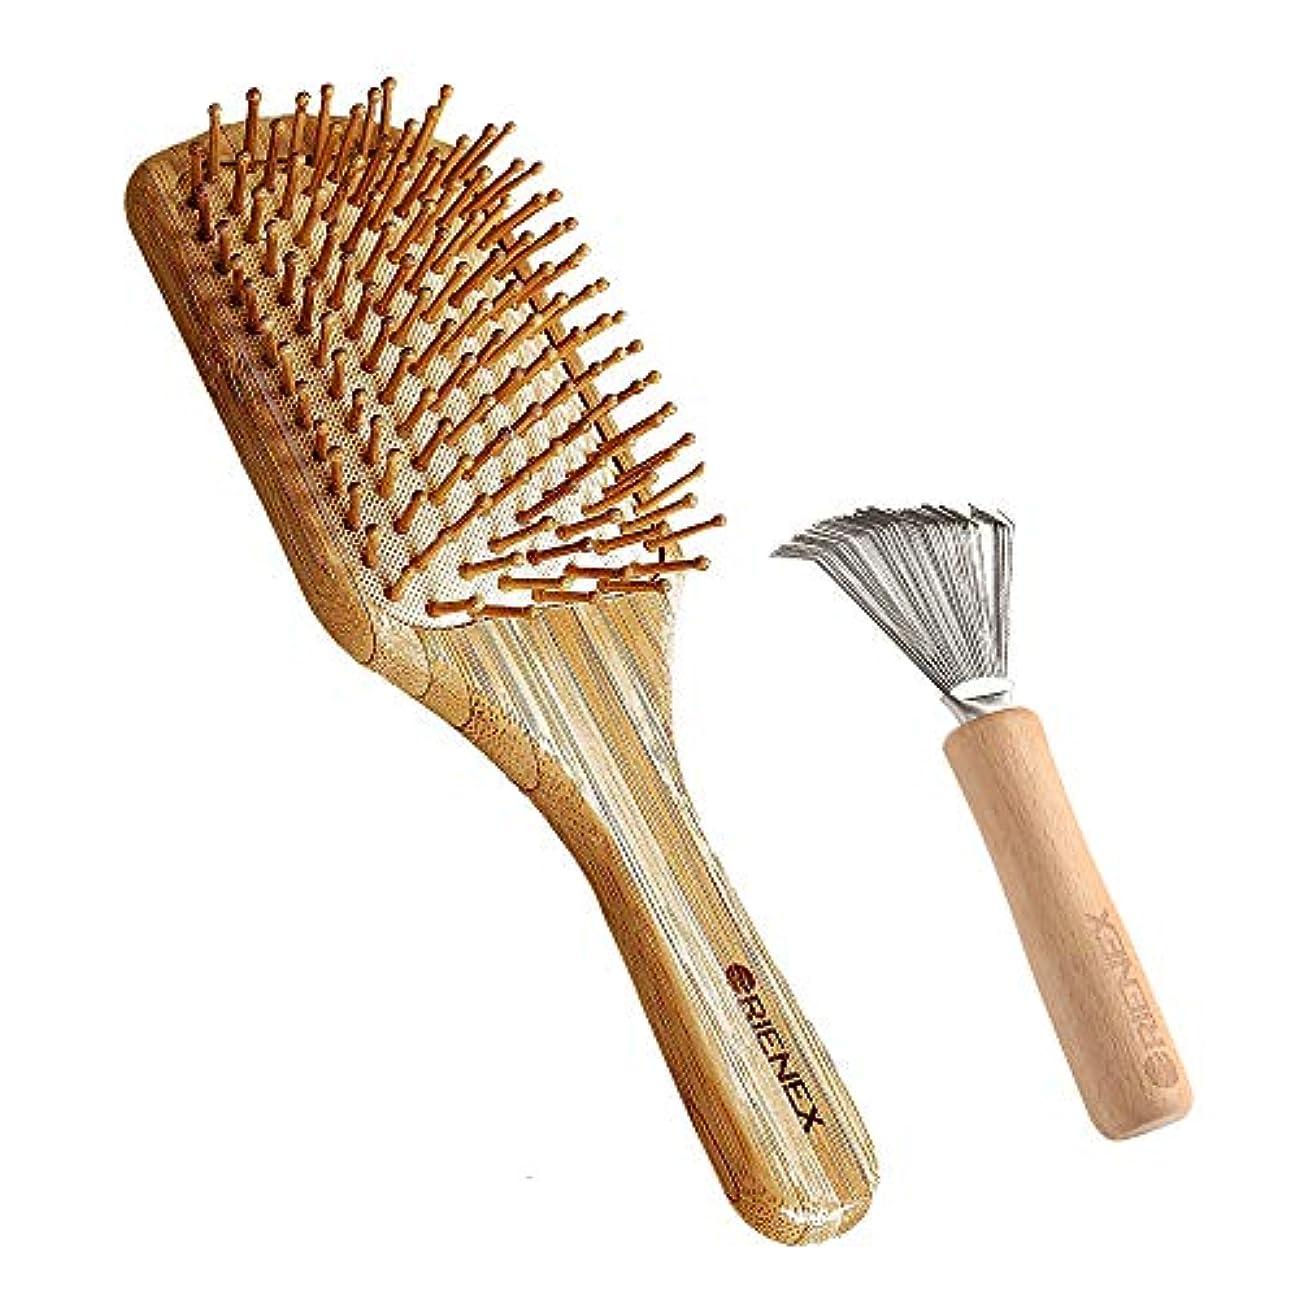 狂気青熱望するOrienex ヘアブラシ 木製櫛 頭皮&肩&顔マッサージ 美髪ケア 血行促進 薄毛改善 ブラシクリーナー付き